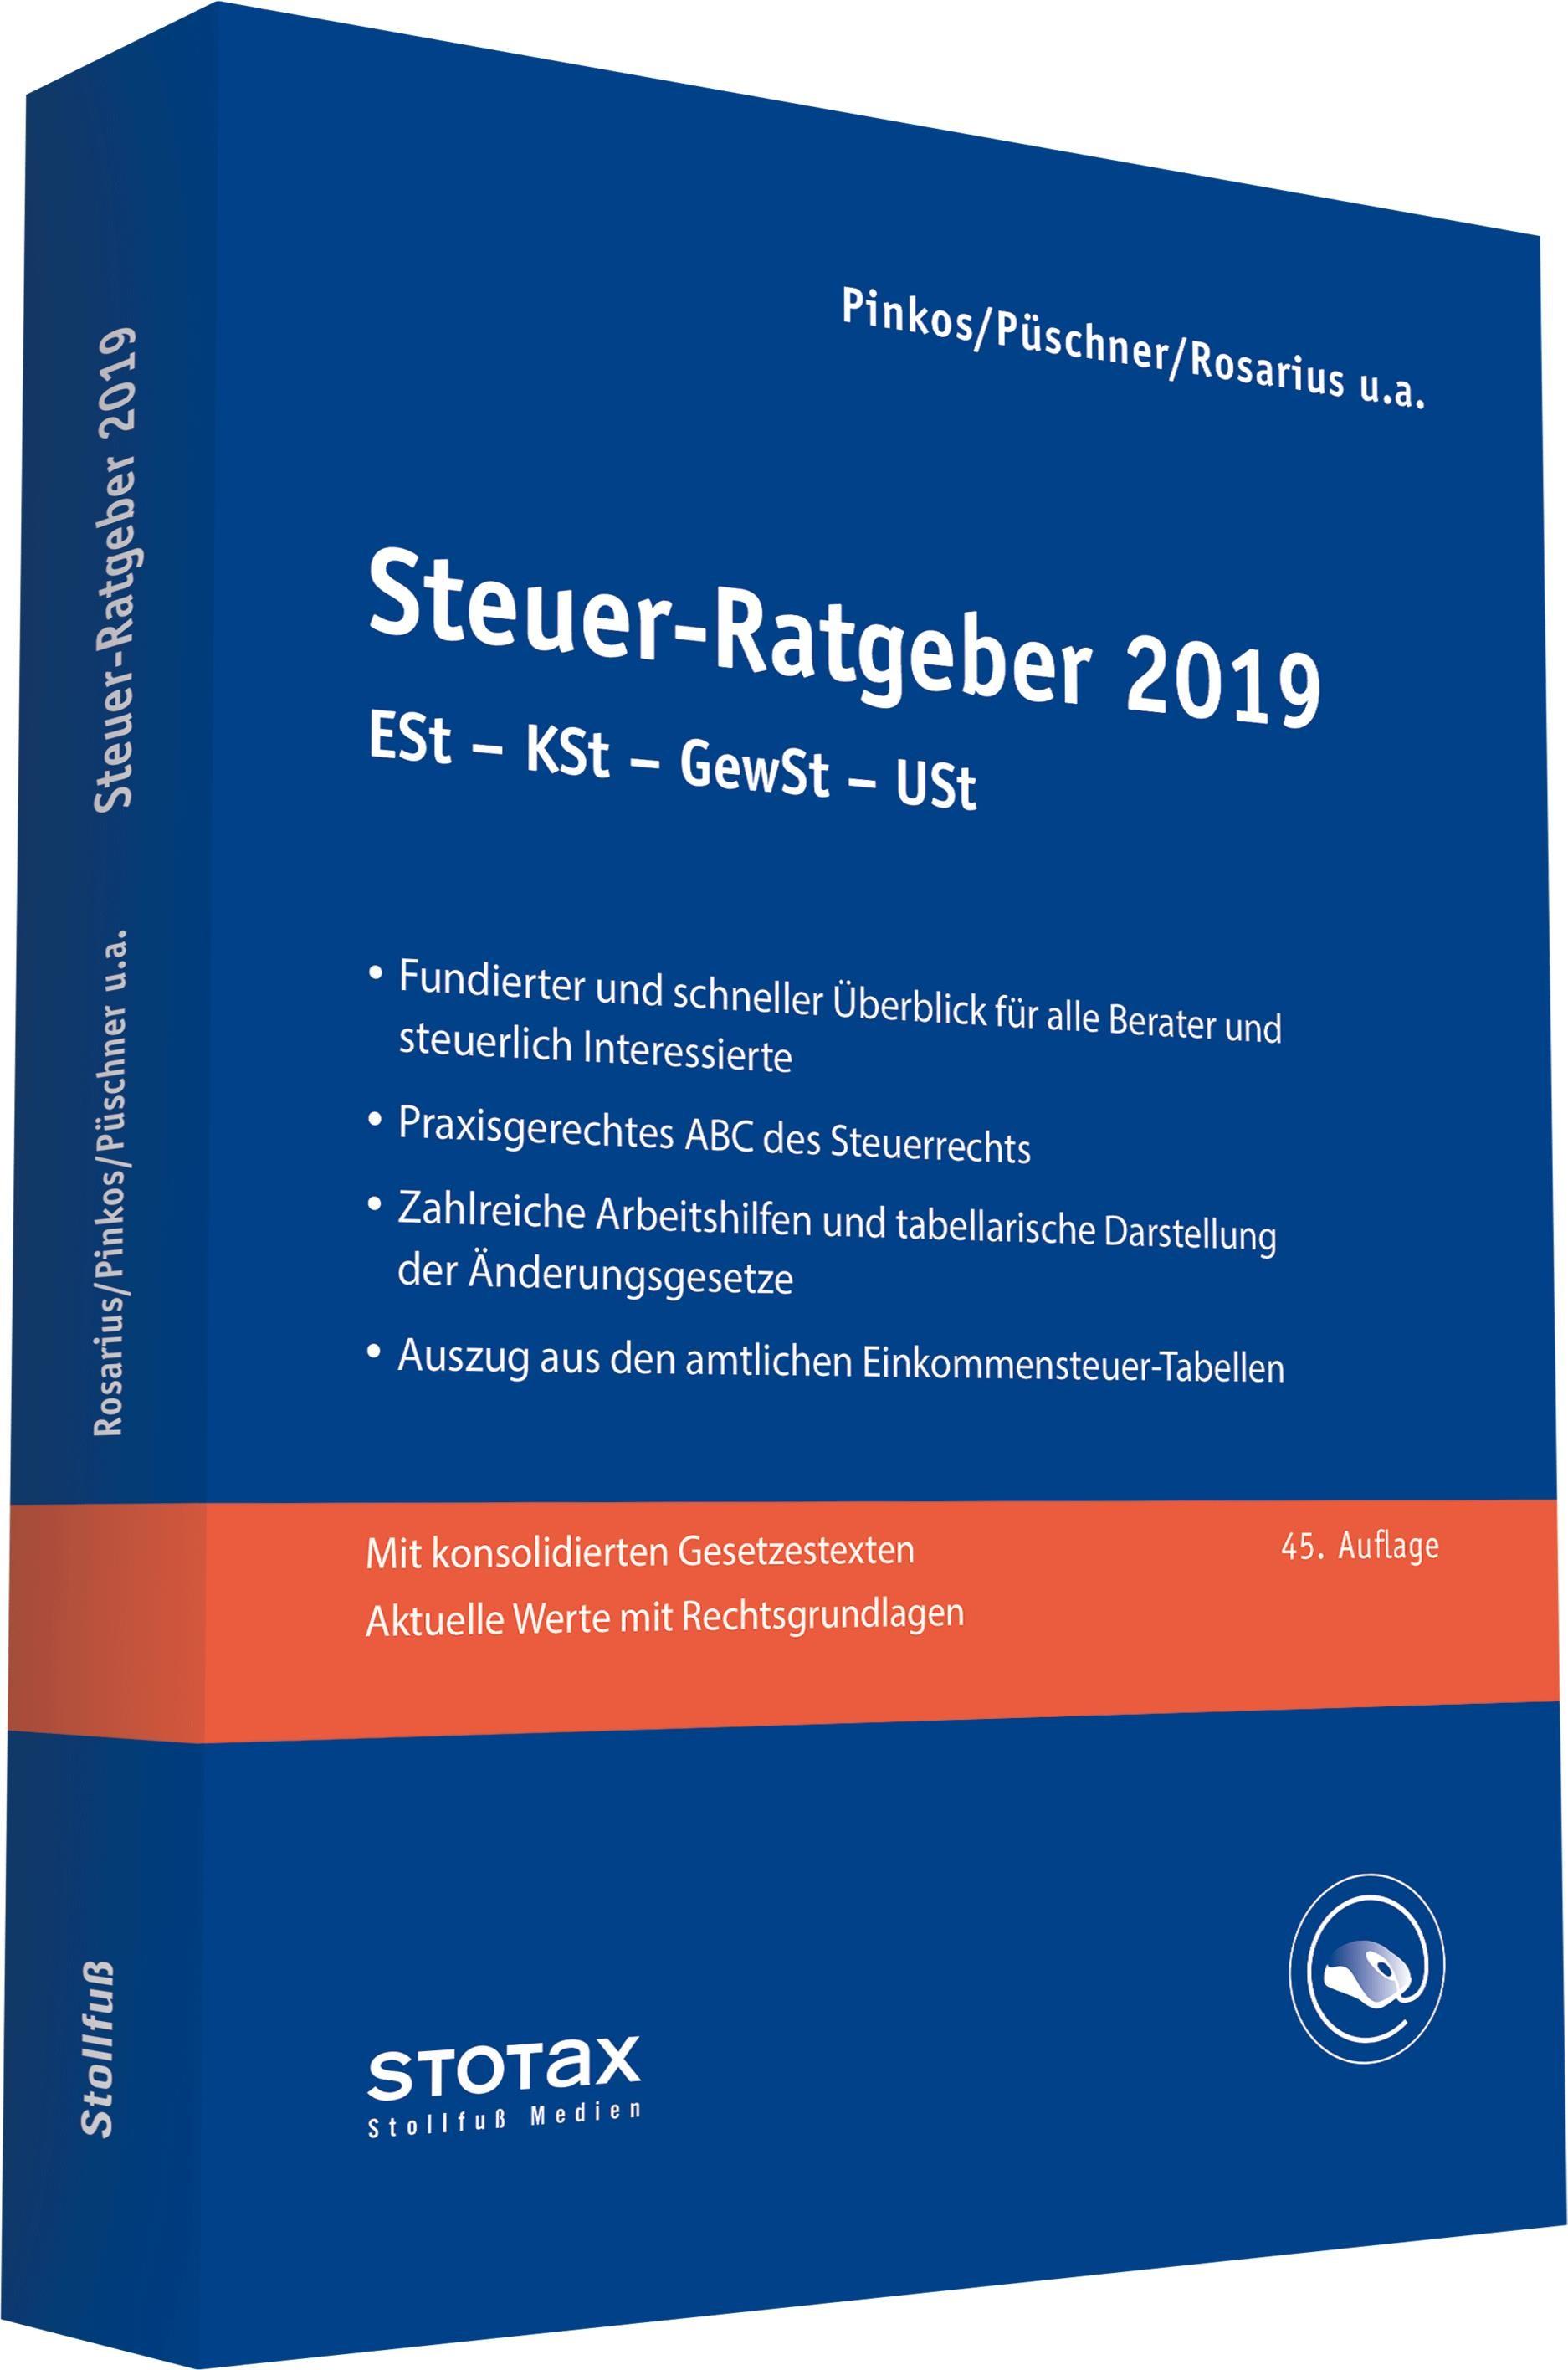 Steuer-Ratgeber 2019 | Pinkos / Püschner / Rosarius u.a. | 46. Auflage, 2019 | Buch (Cover)